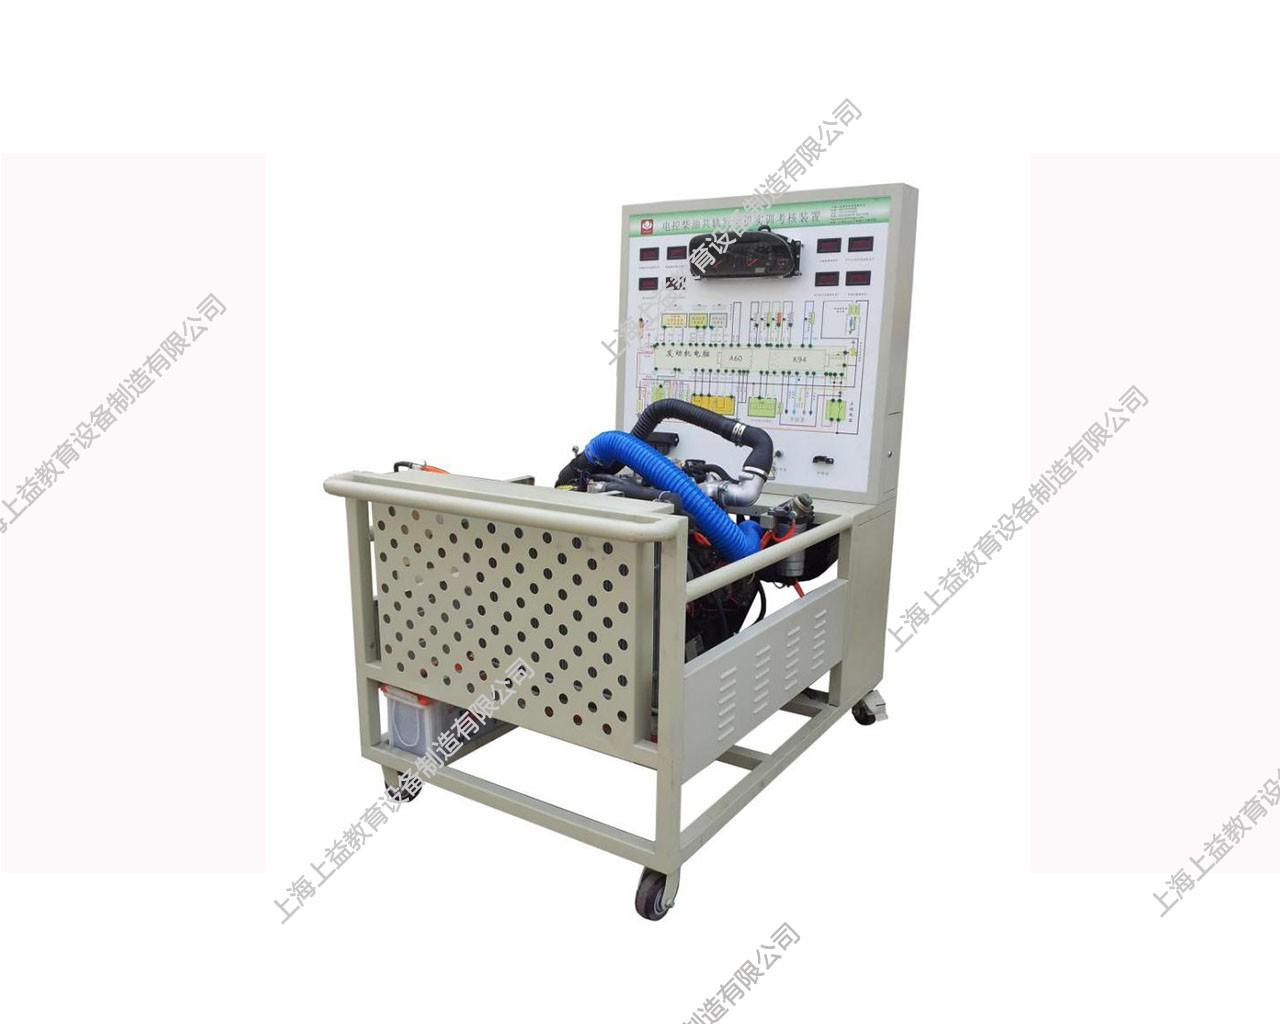 电控高压共轨柴油发动机wwwlehu8vip台(哈弗)